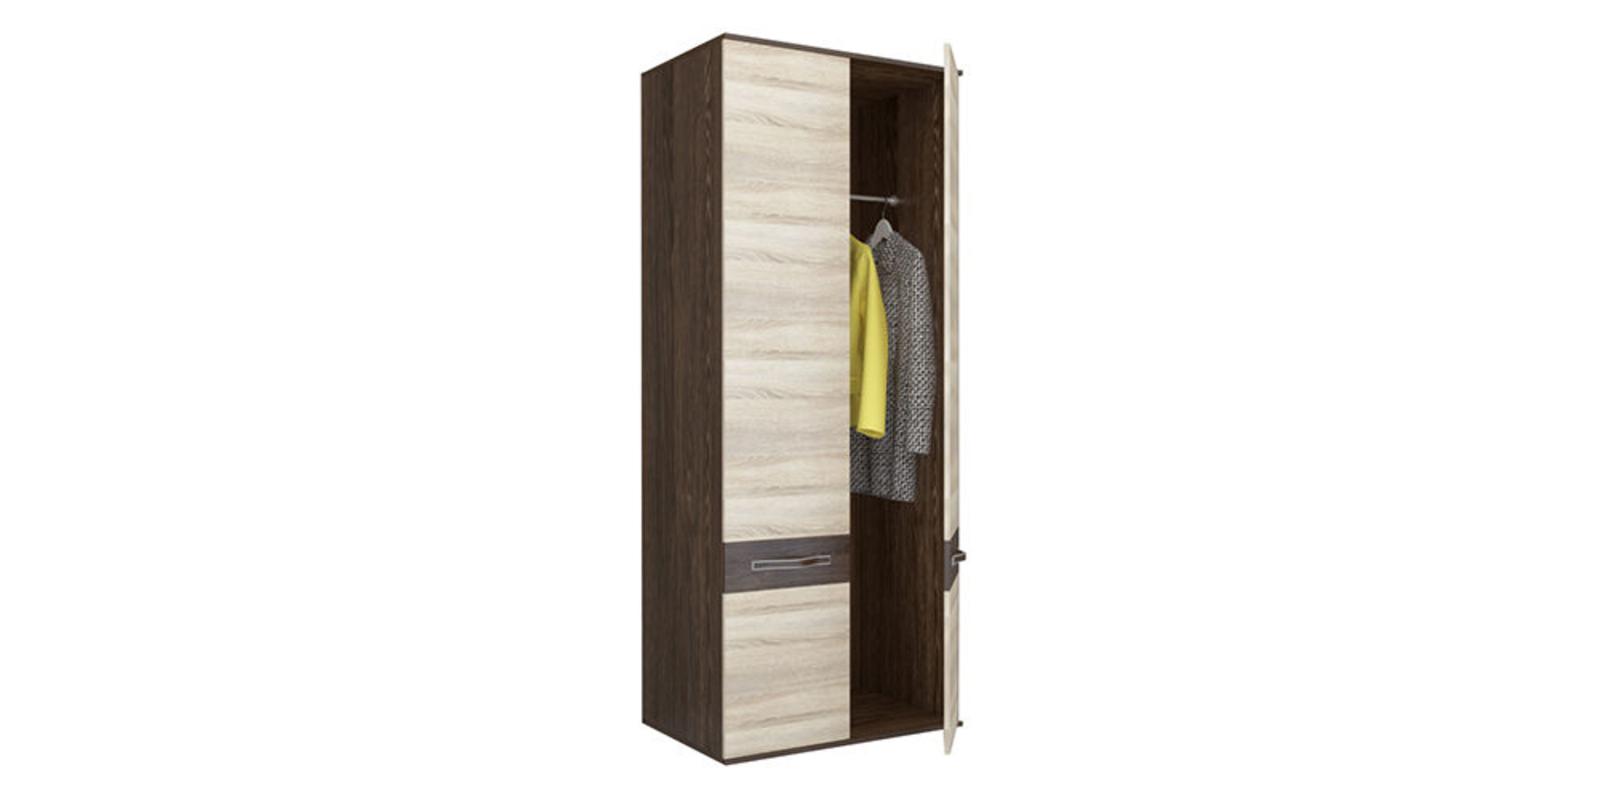 Шкаф распашной двухдверный Сапфир (дуб кантерберри/дуб сонома)